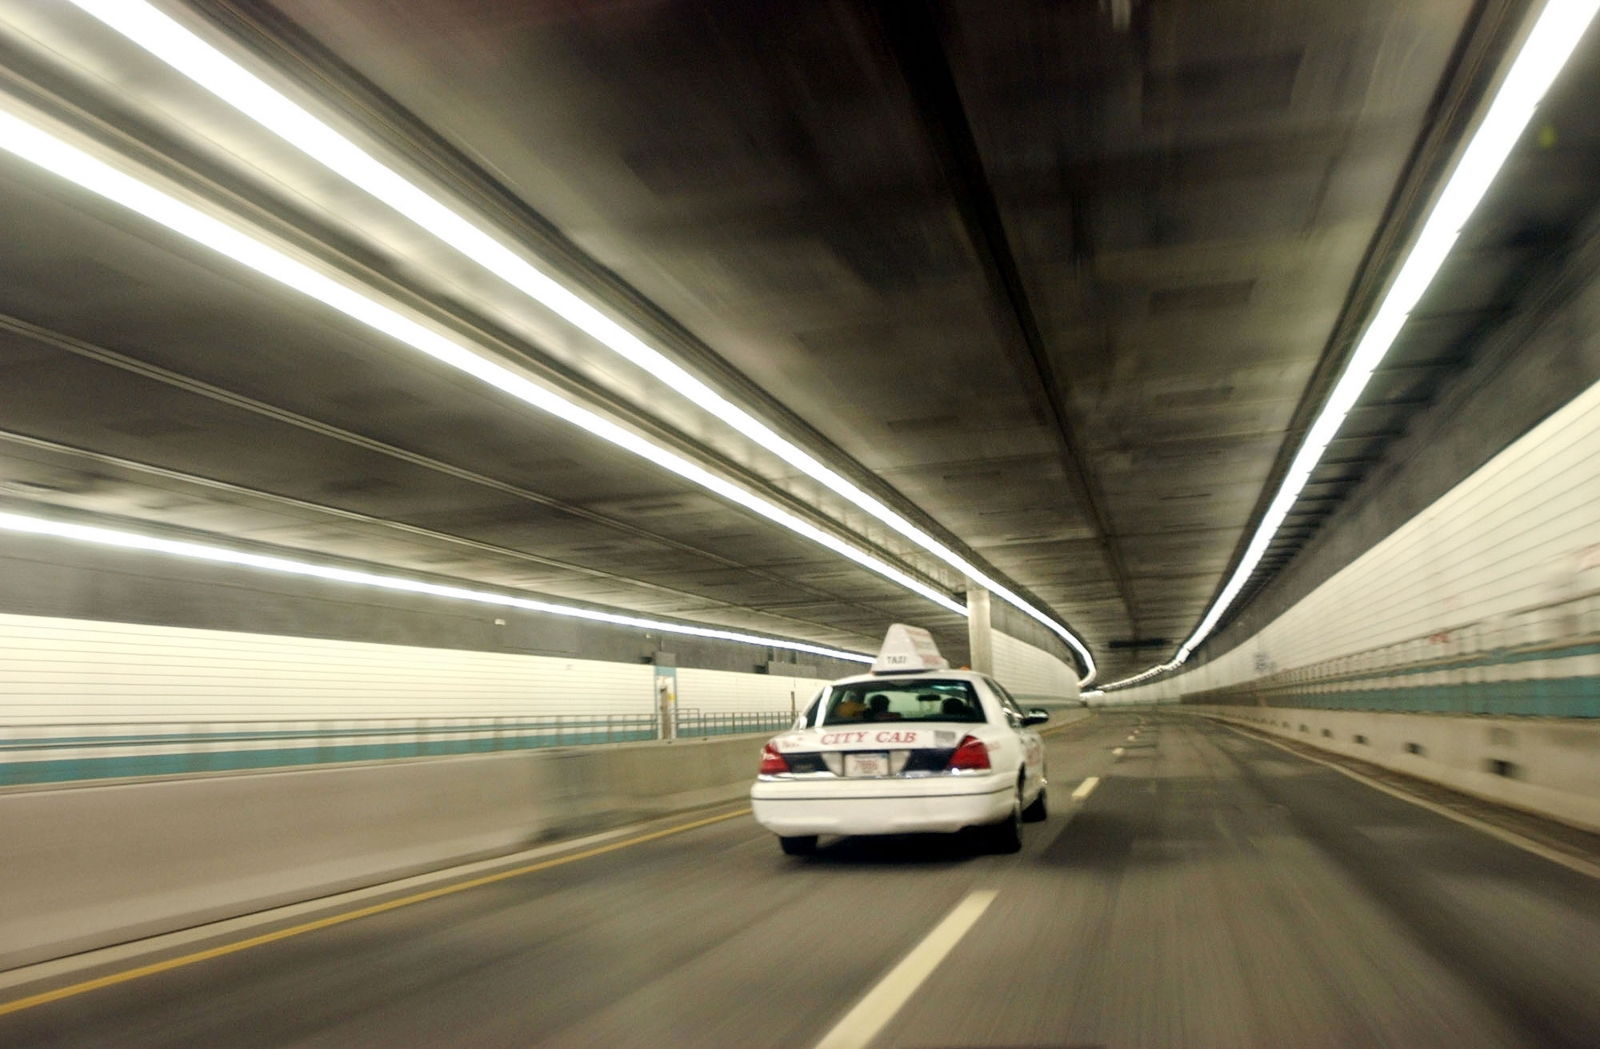 Boston taxi